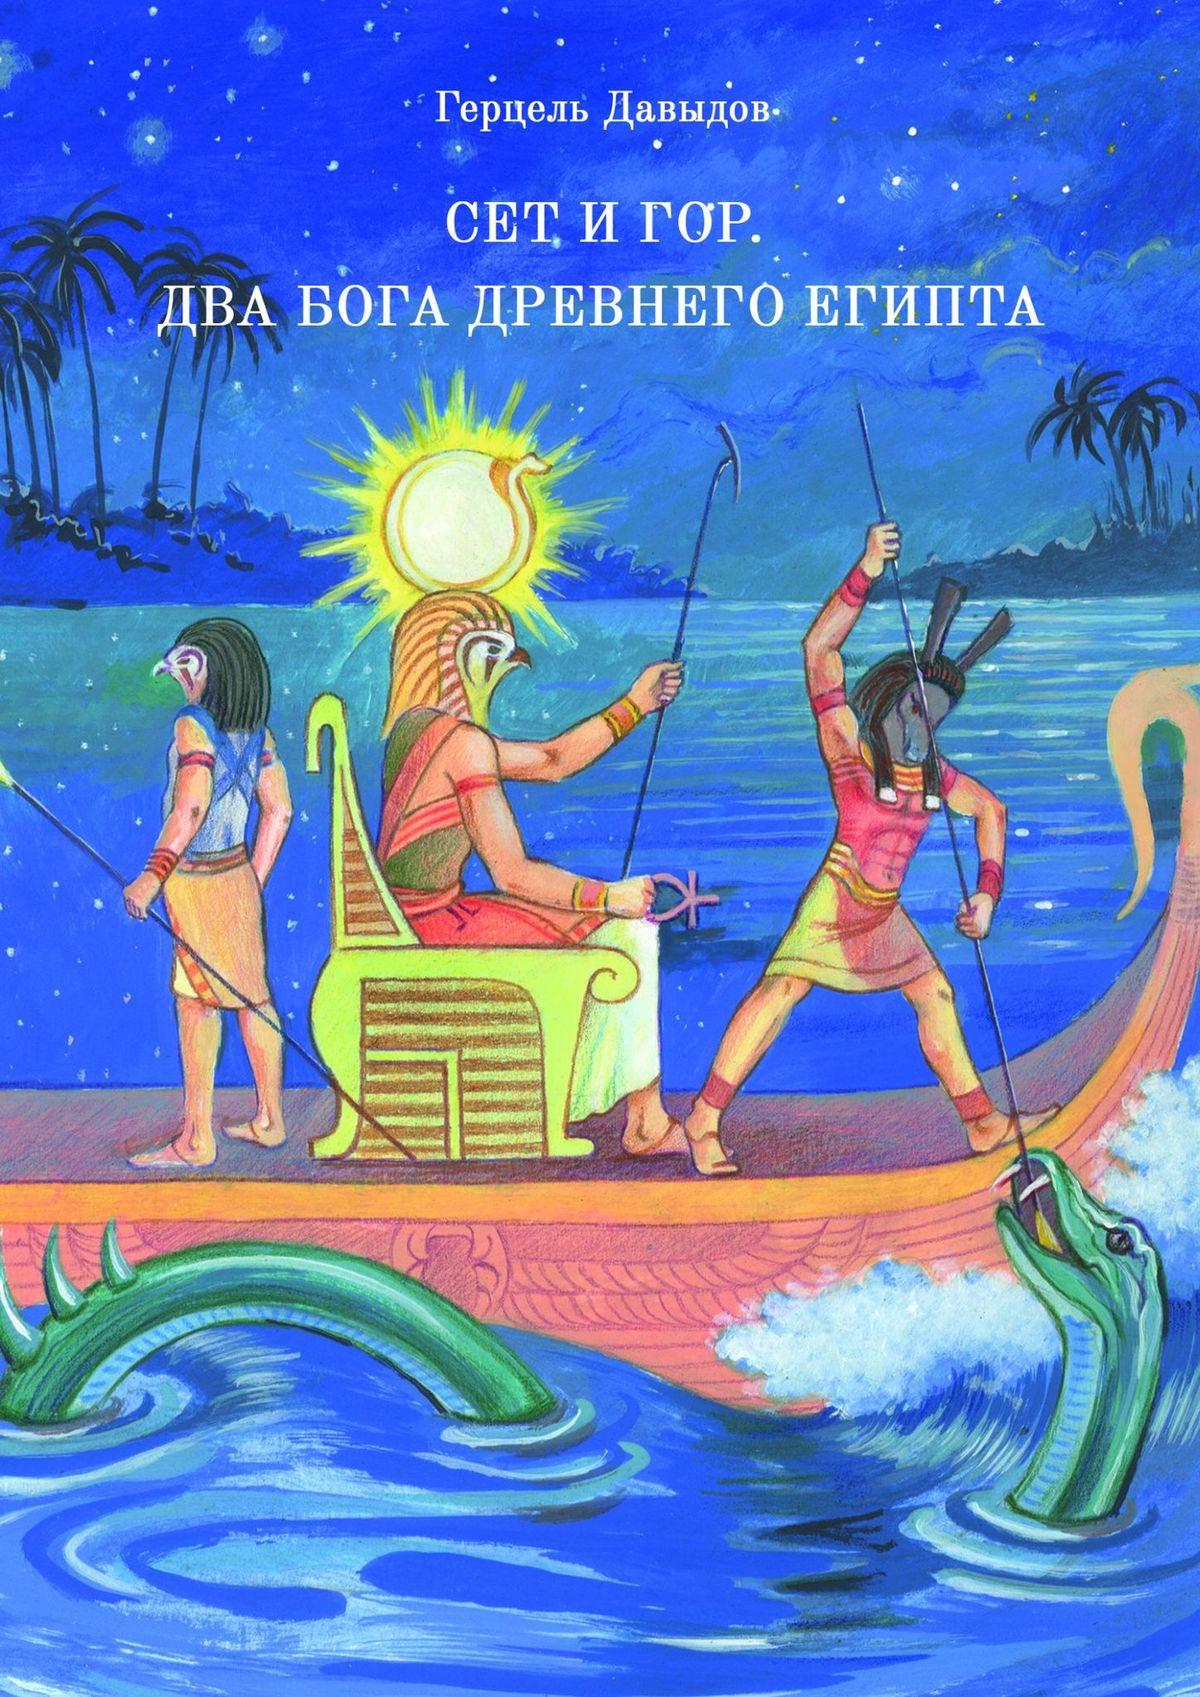 купить Герц Давыдов Сет и Гор. Два бога древнего Египта по цене 132 рублей